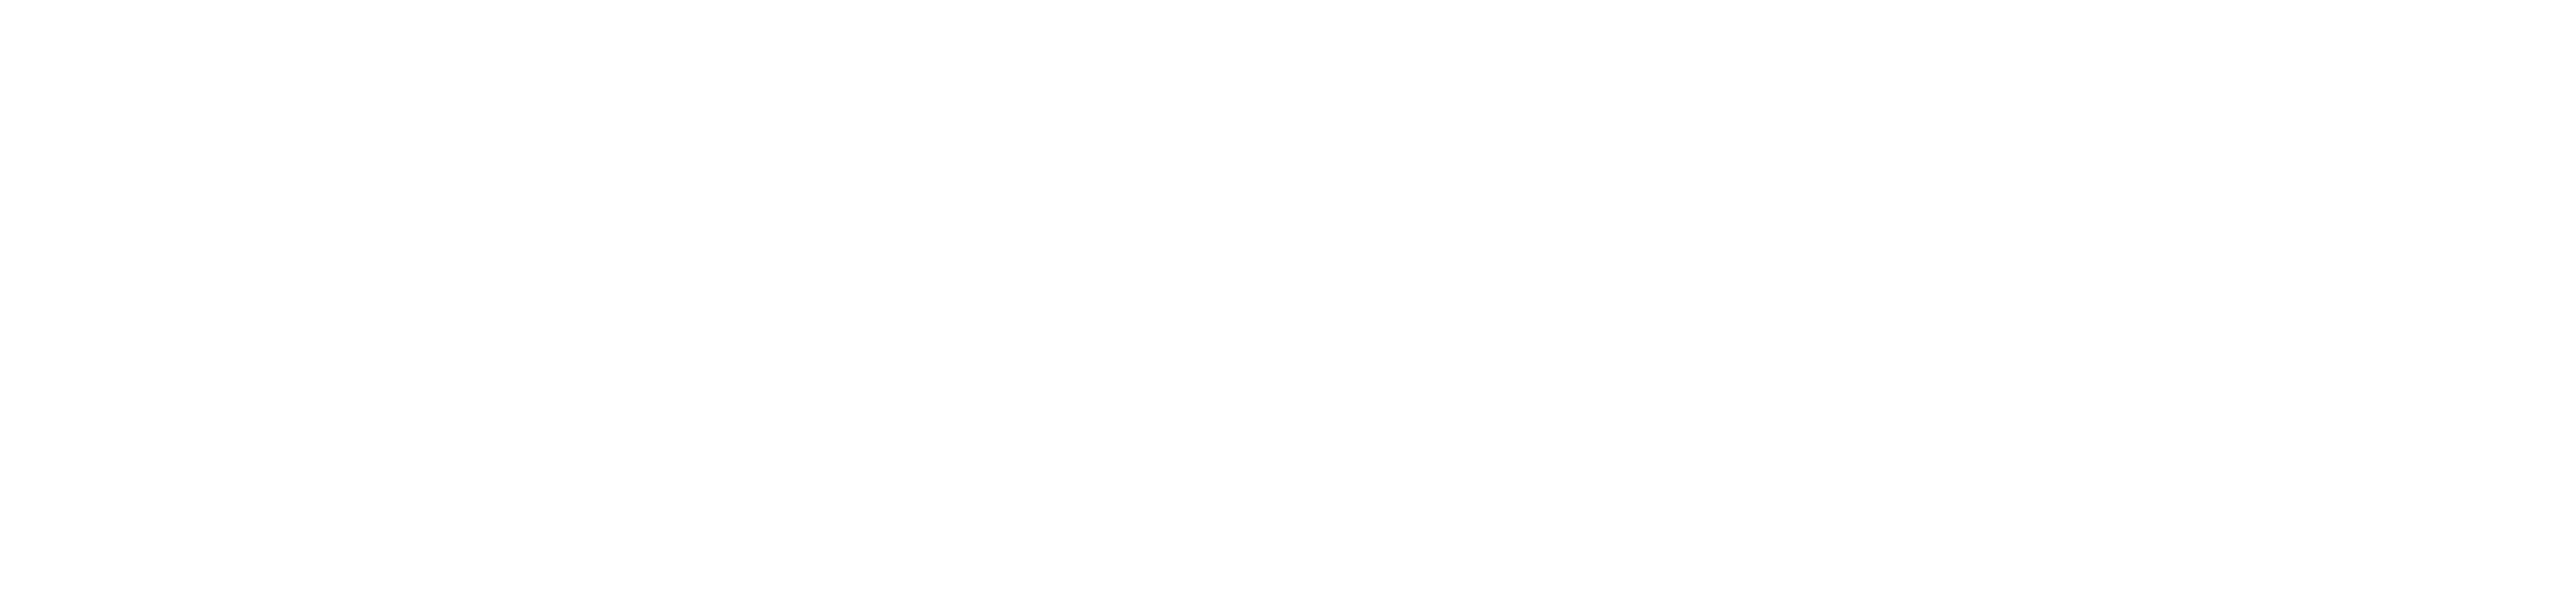 沈阳华鑫房地产经纪有限公司_Logo